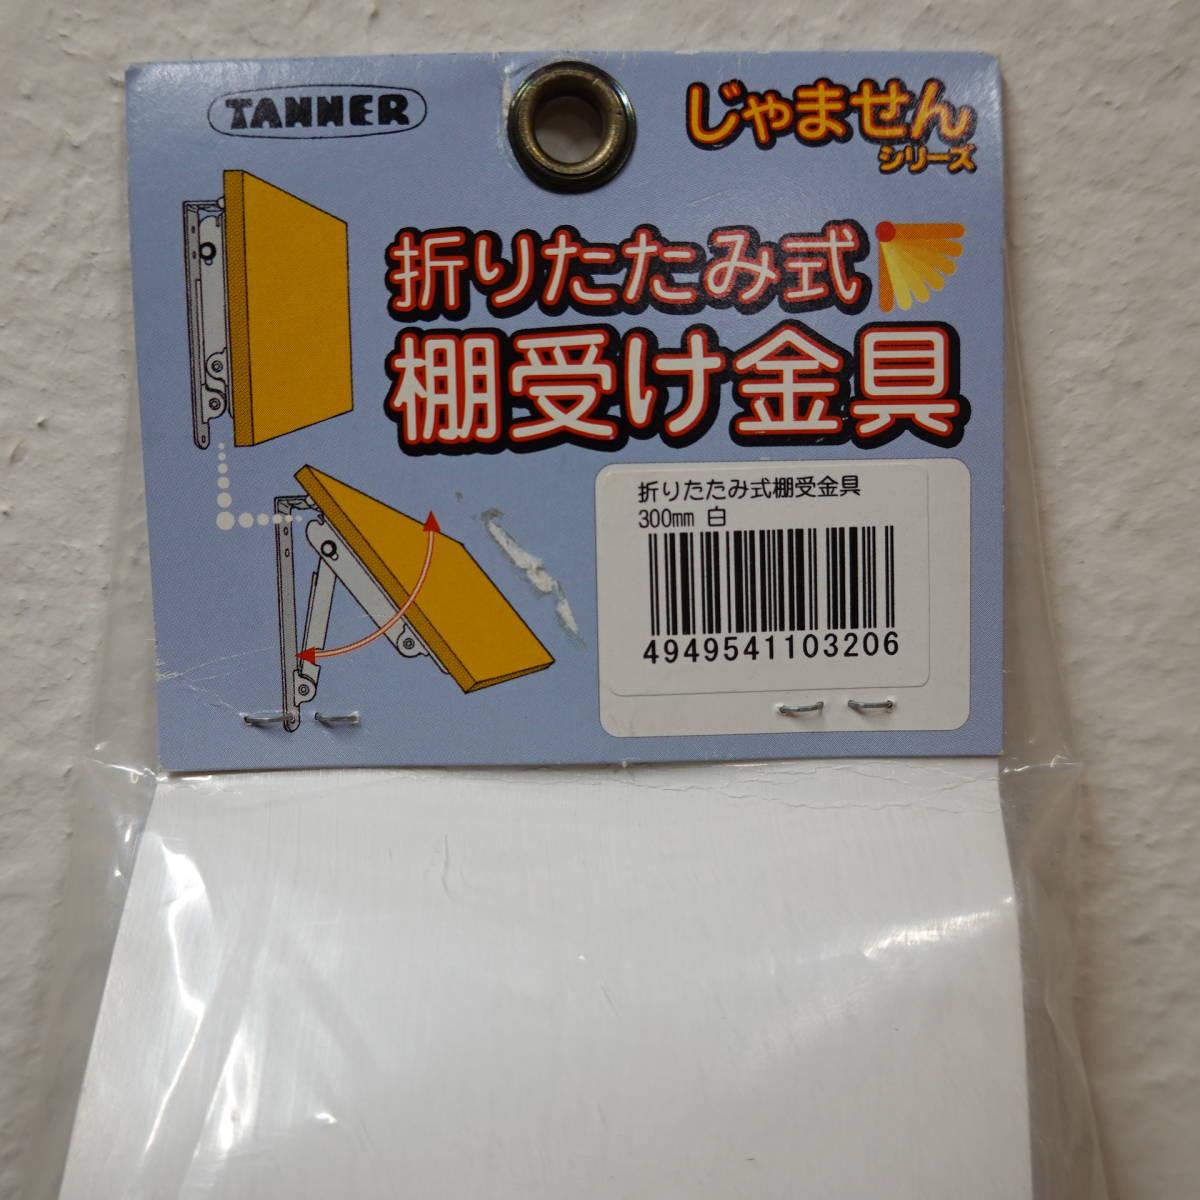 TANNER タナー 折りたたみ式 棚受金具 じゃませんシリーズ 300mm 白 未開封保管品_画像5